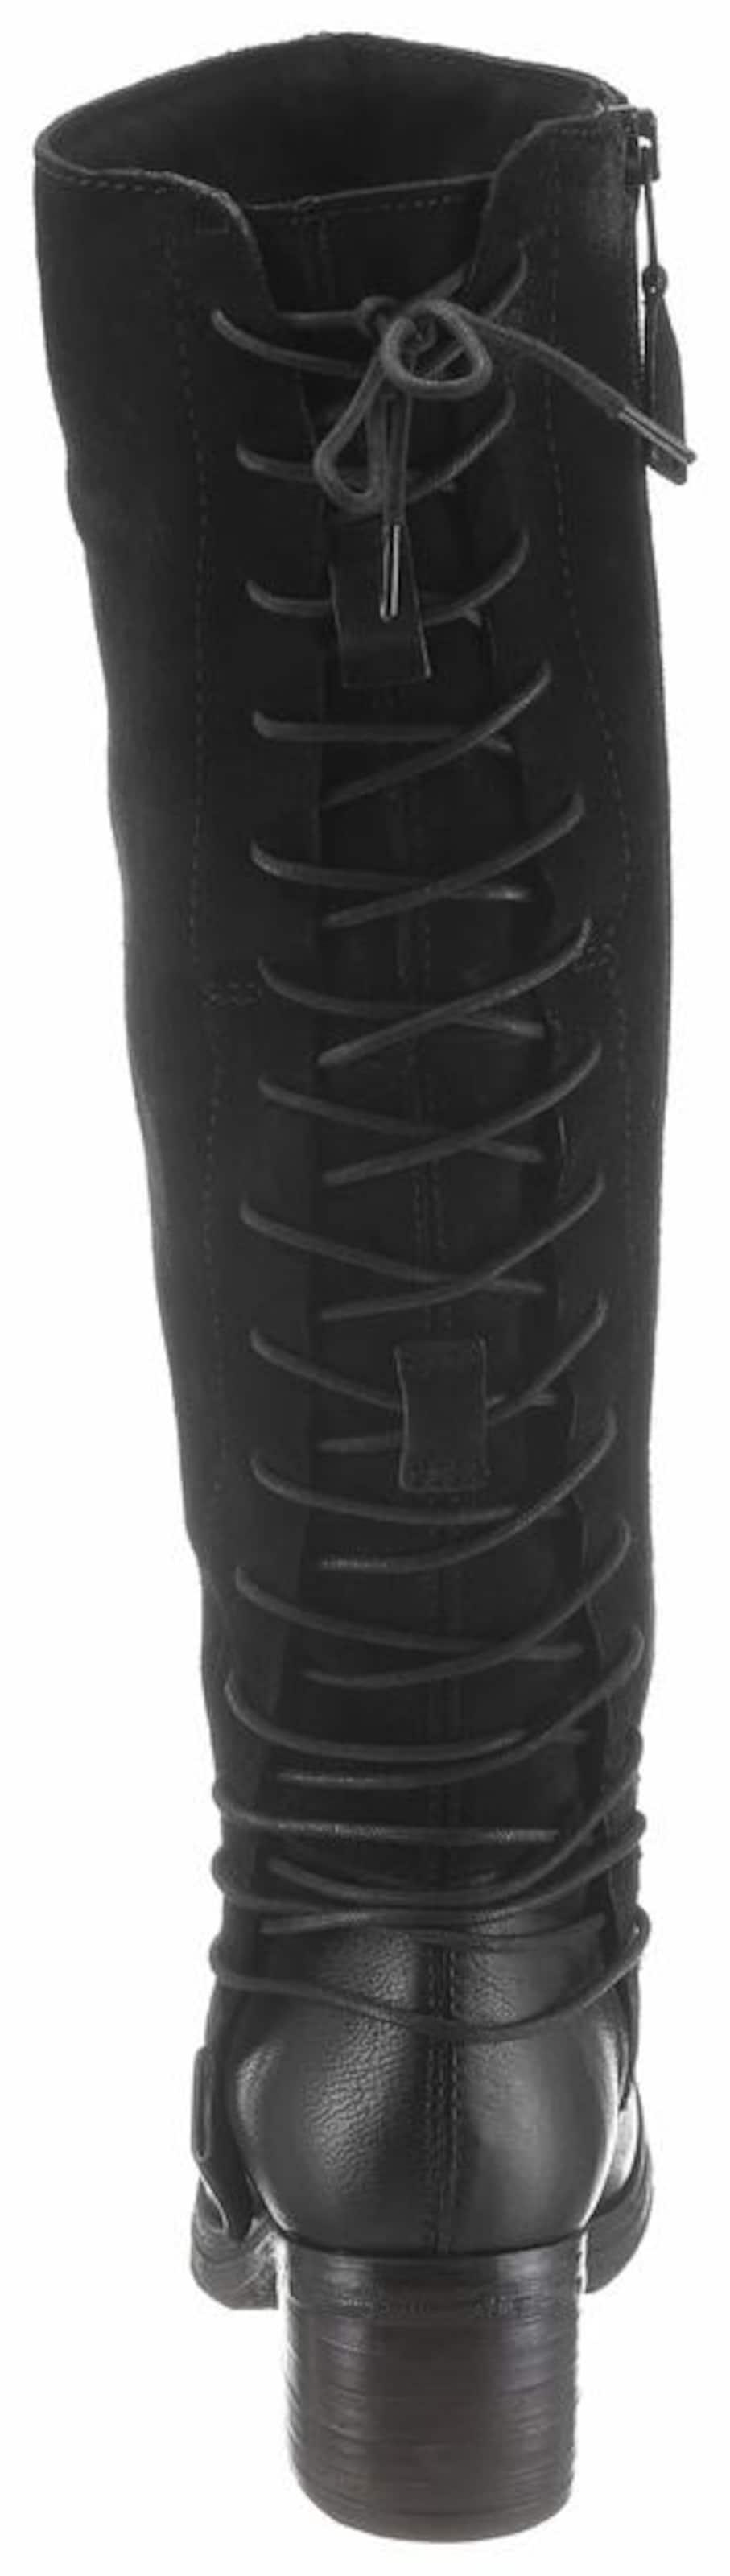 MJUS Mjus Stiefel Qualität Frei Für Verkauf Rabatt Breite Palette Von Bester Lieferant Spielraum Offiziellen Auslass 100% Authentisch 5eluPf